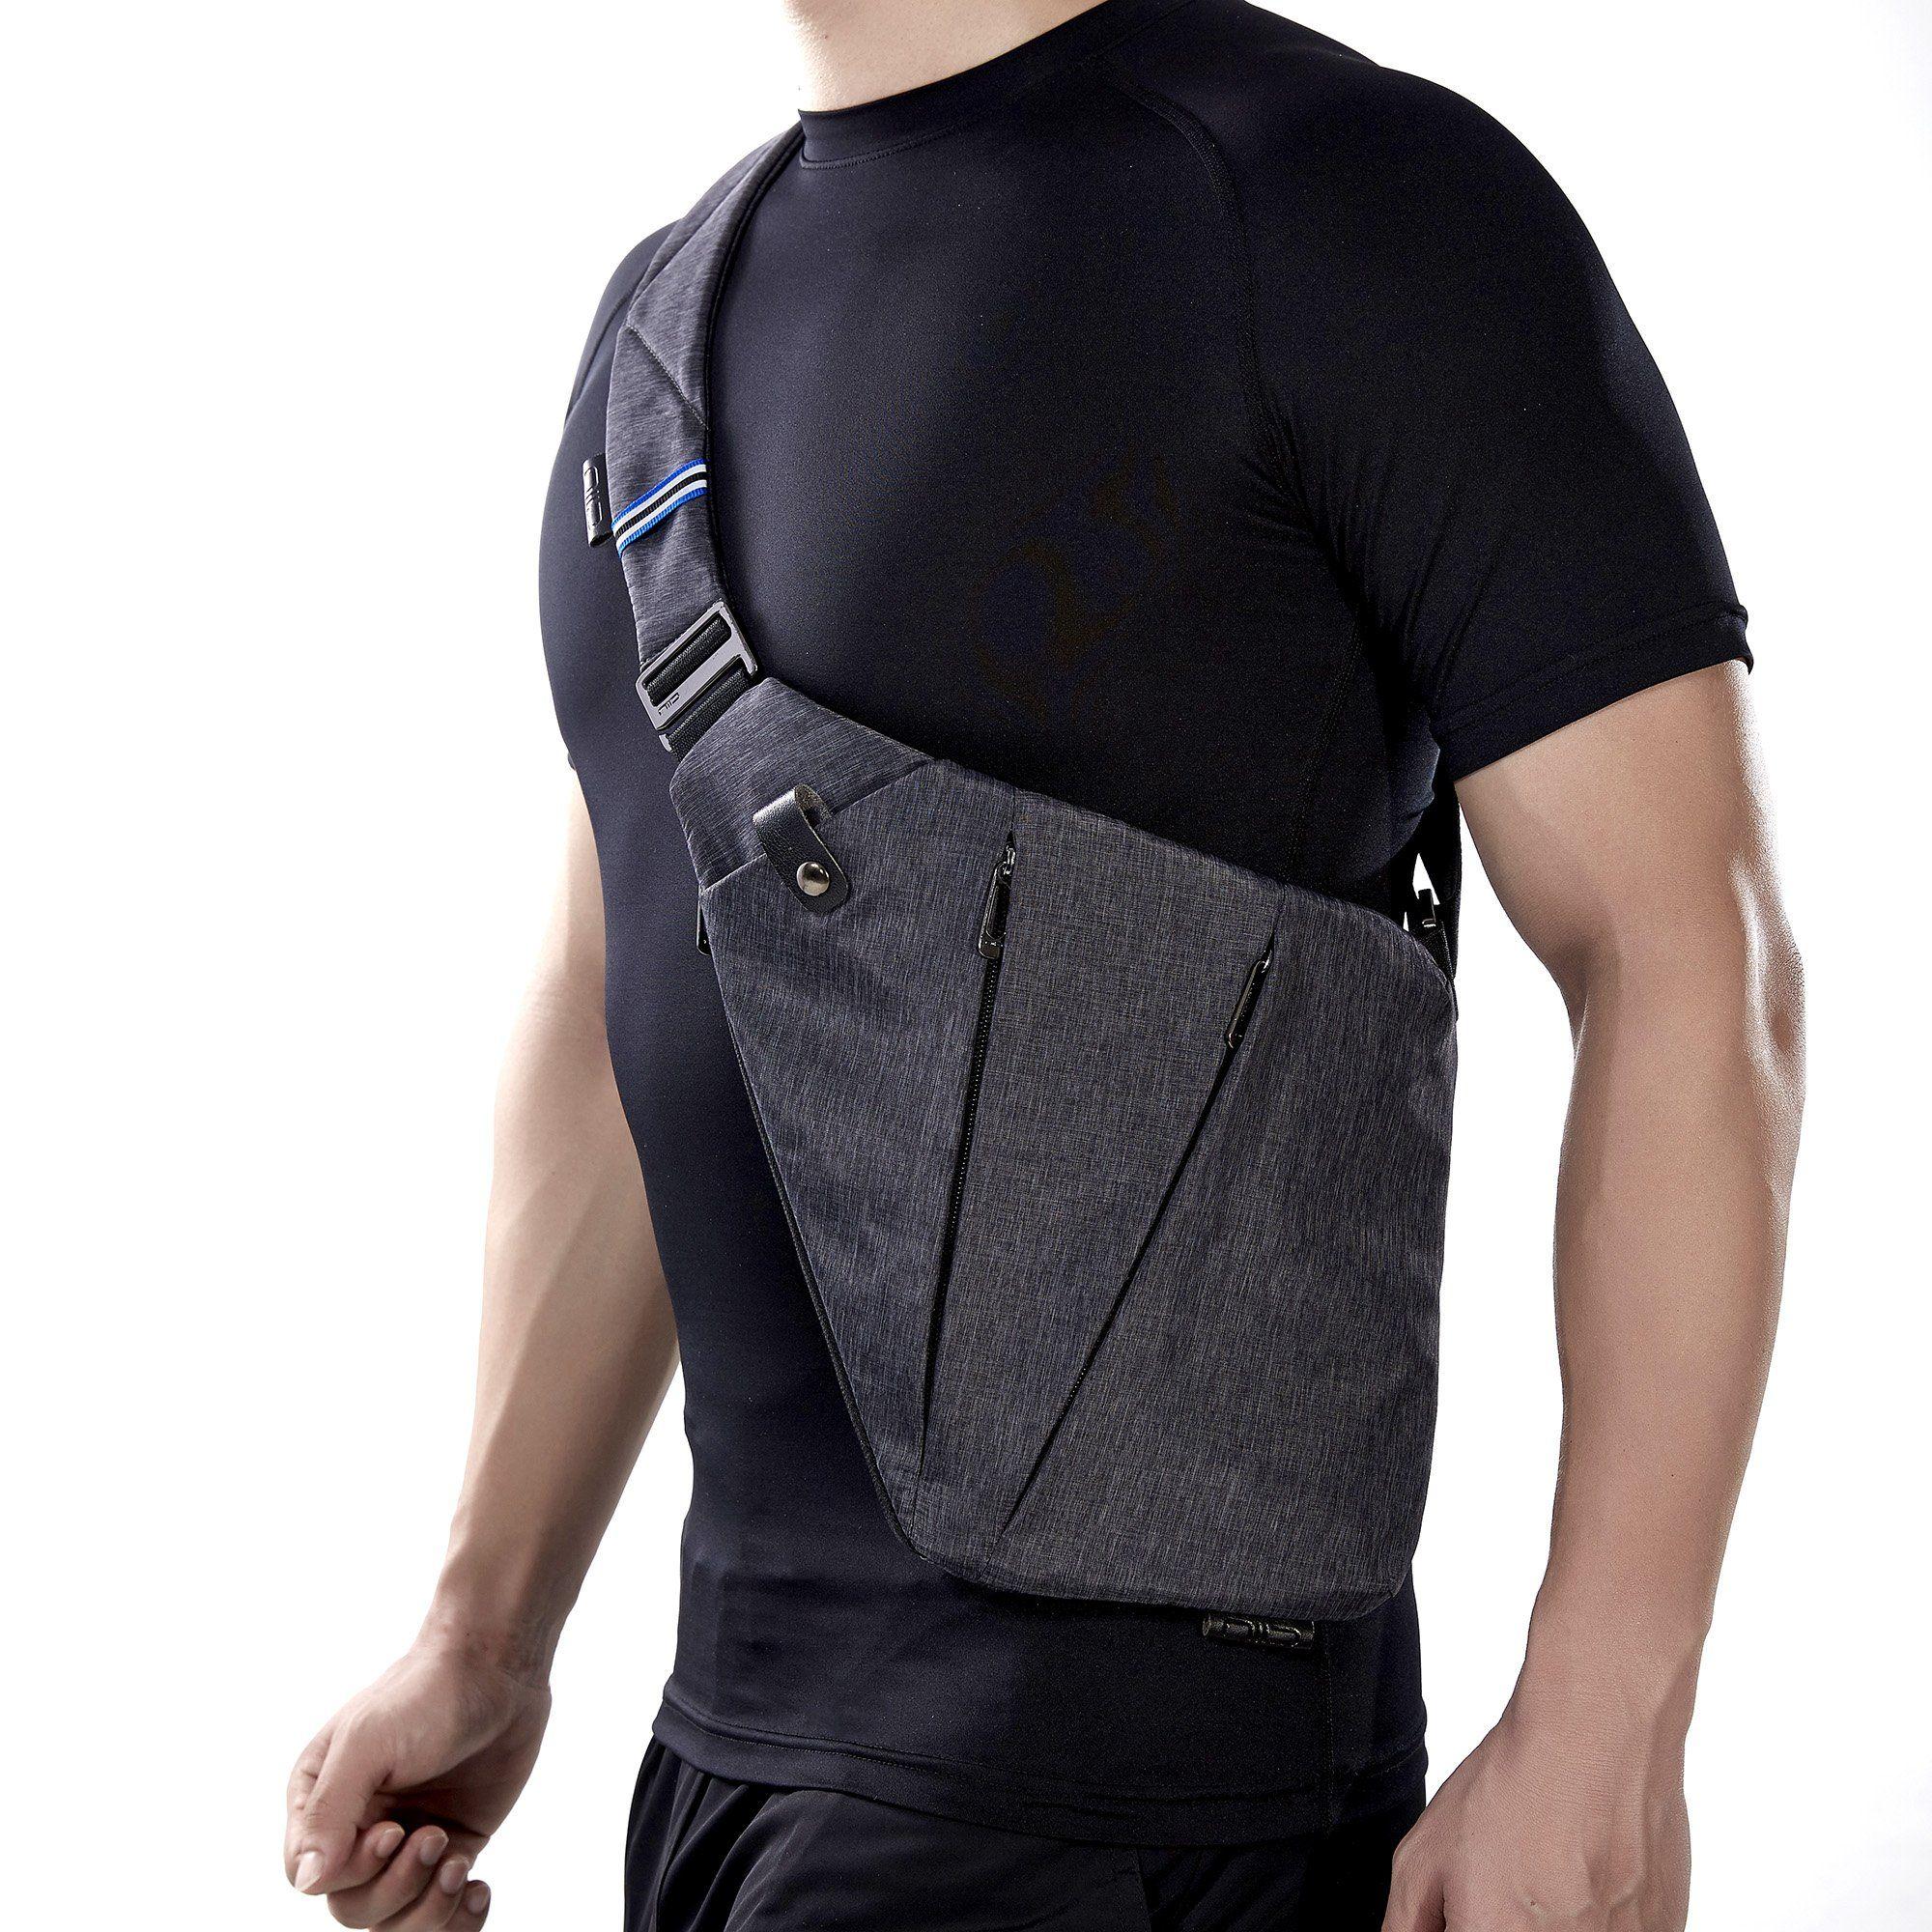 NIIDFIIT Sling Shoulder Crossbody Chest Bag Pack. Ultra